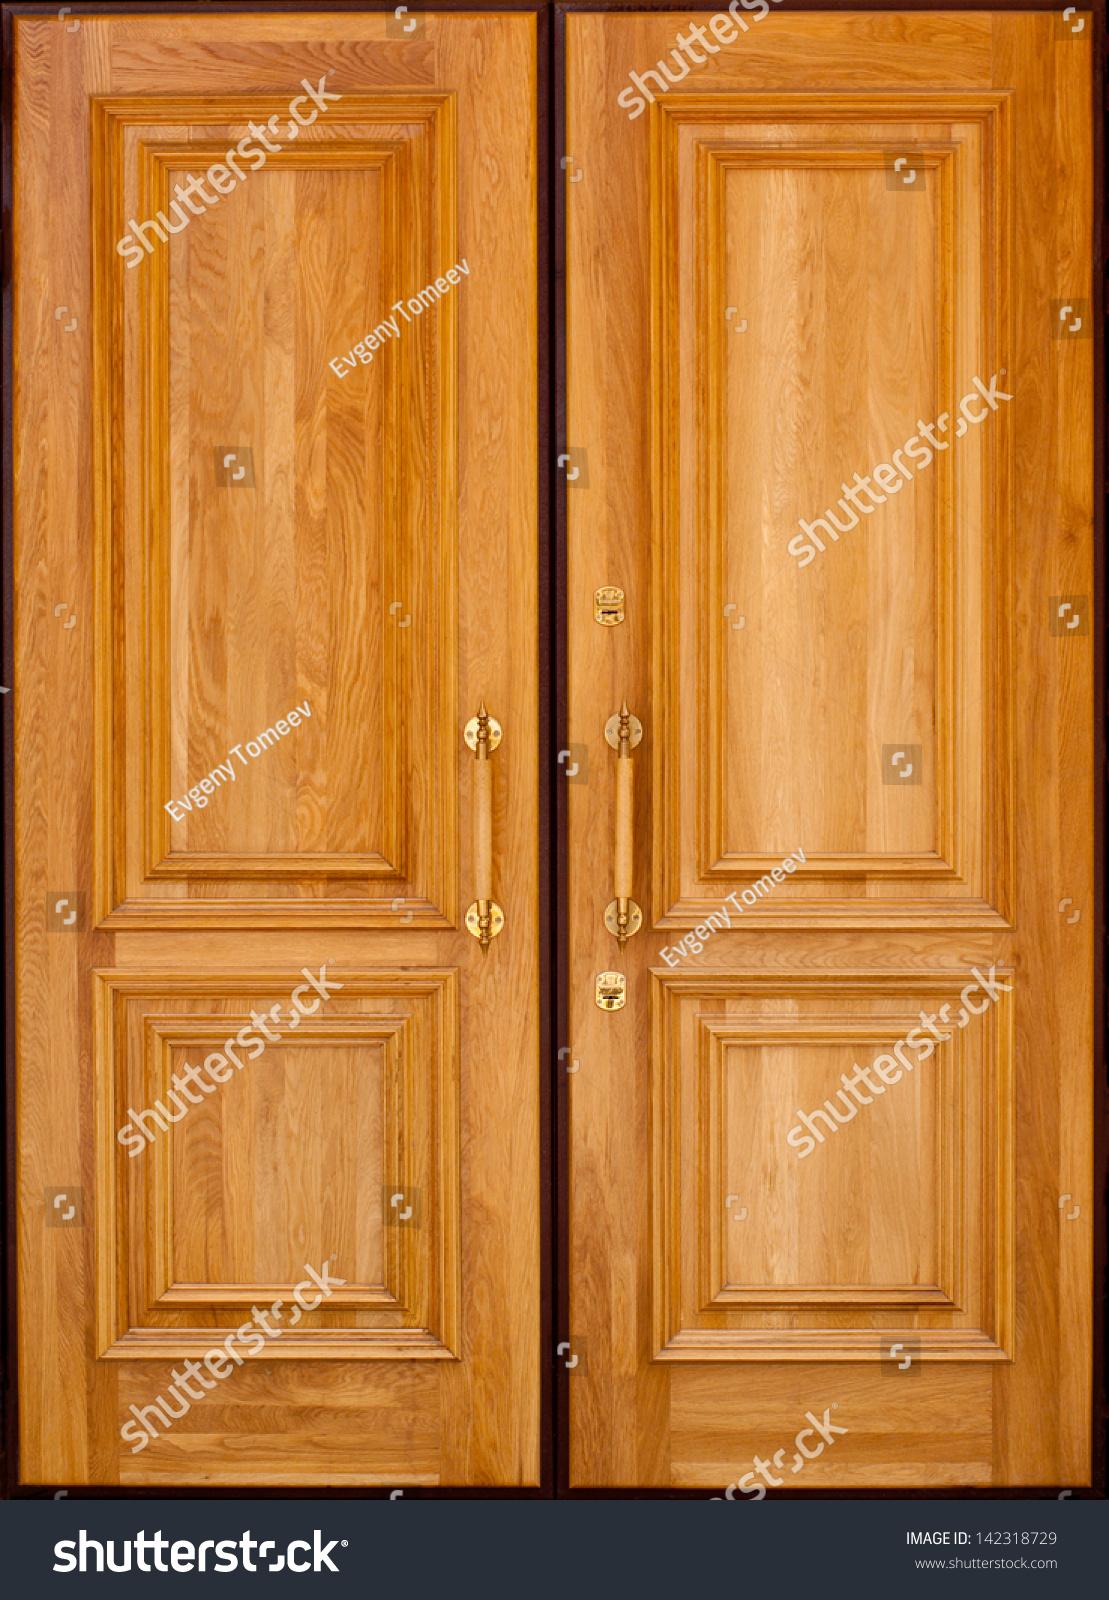 wooden doors height with finish pin window teak door wood